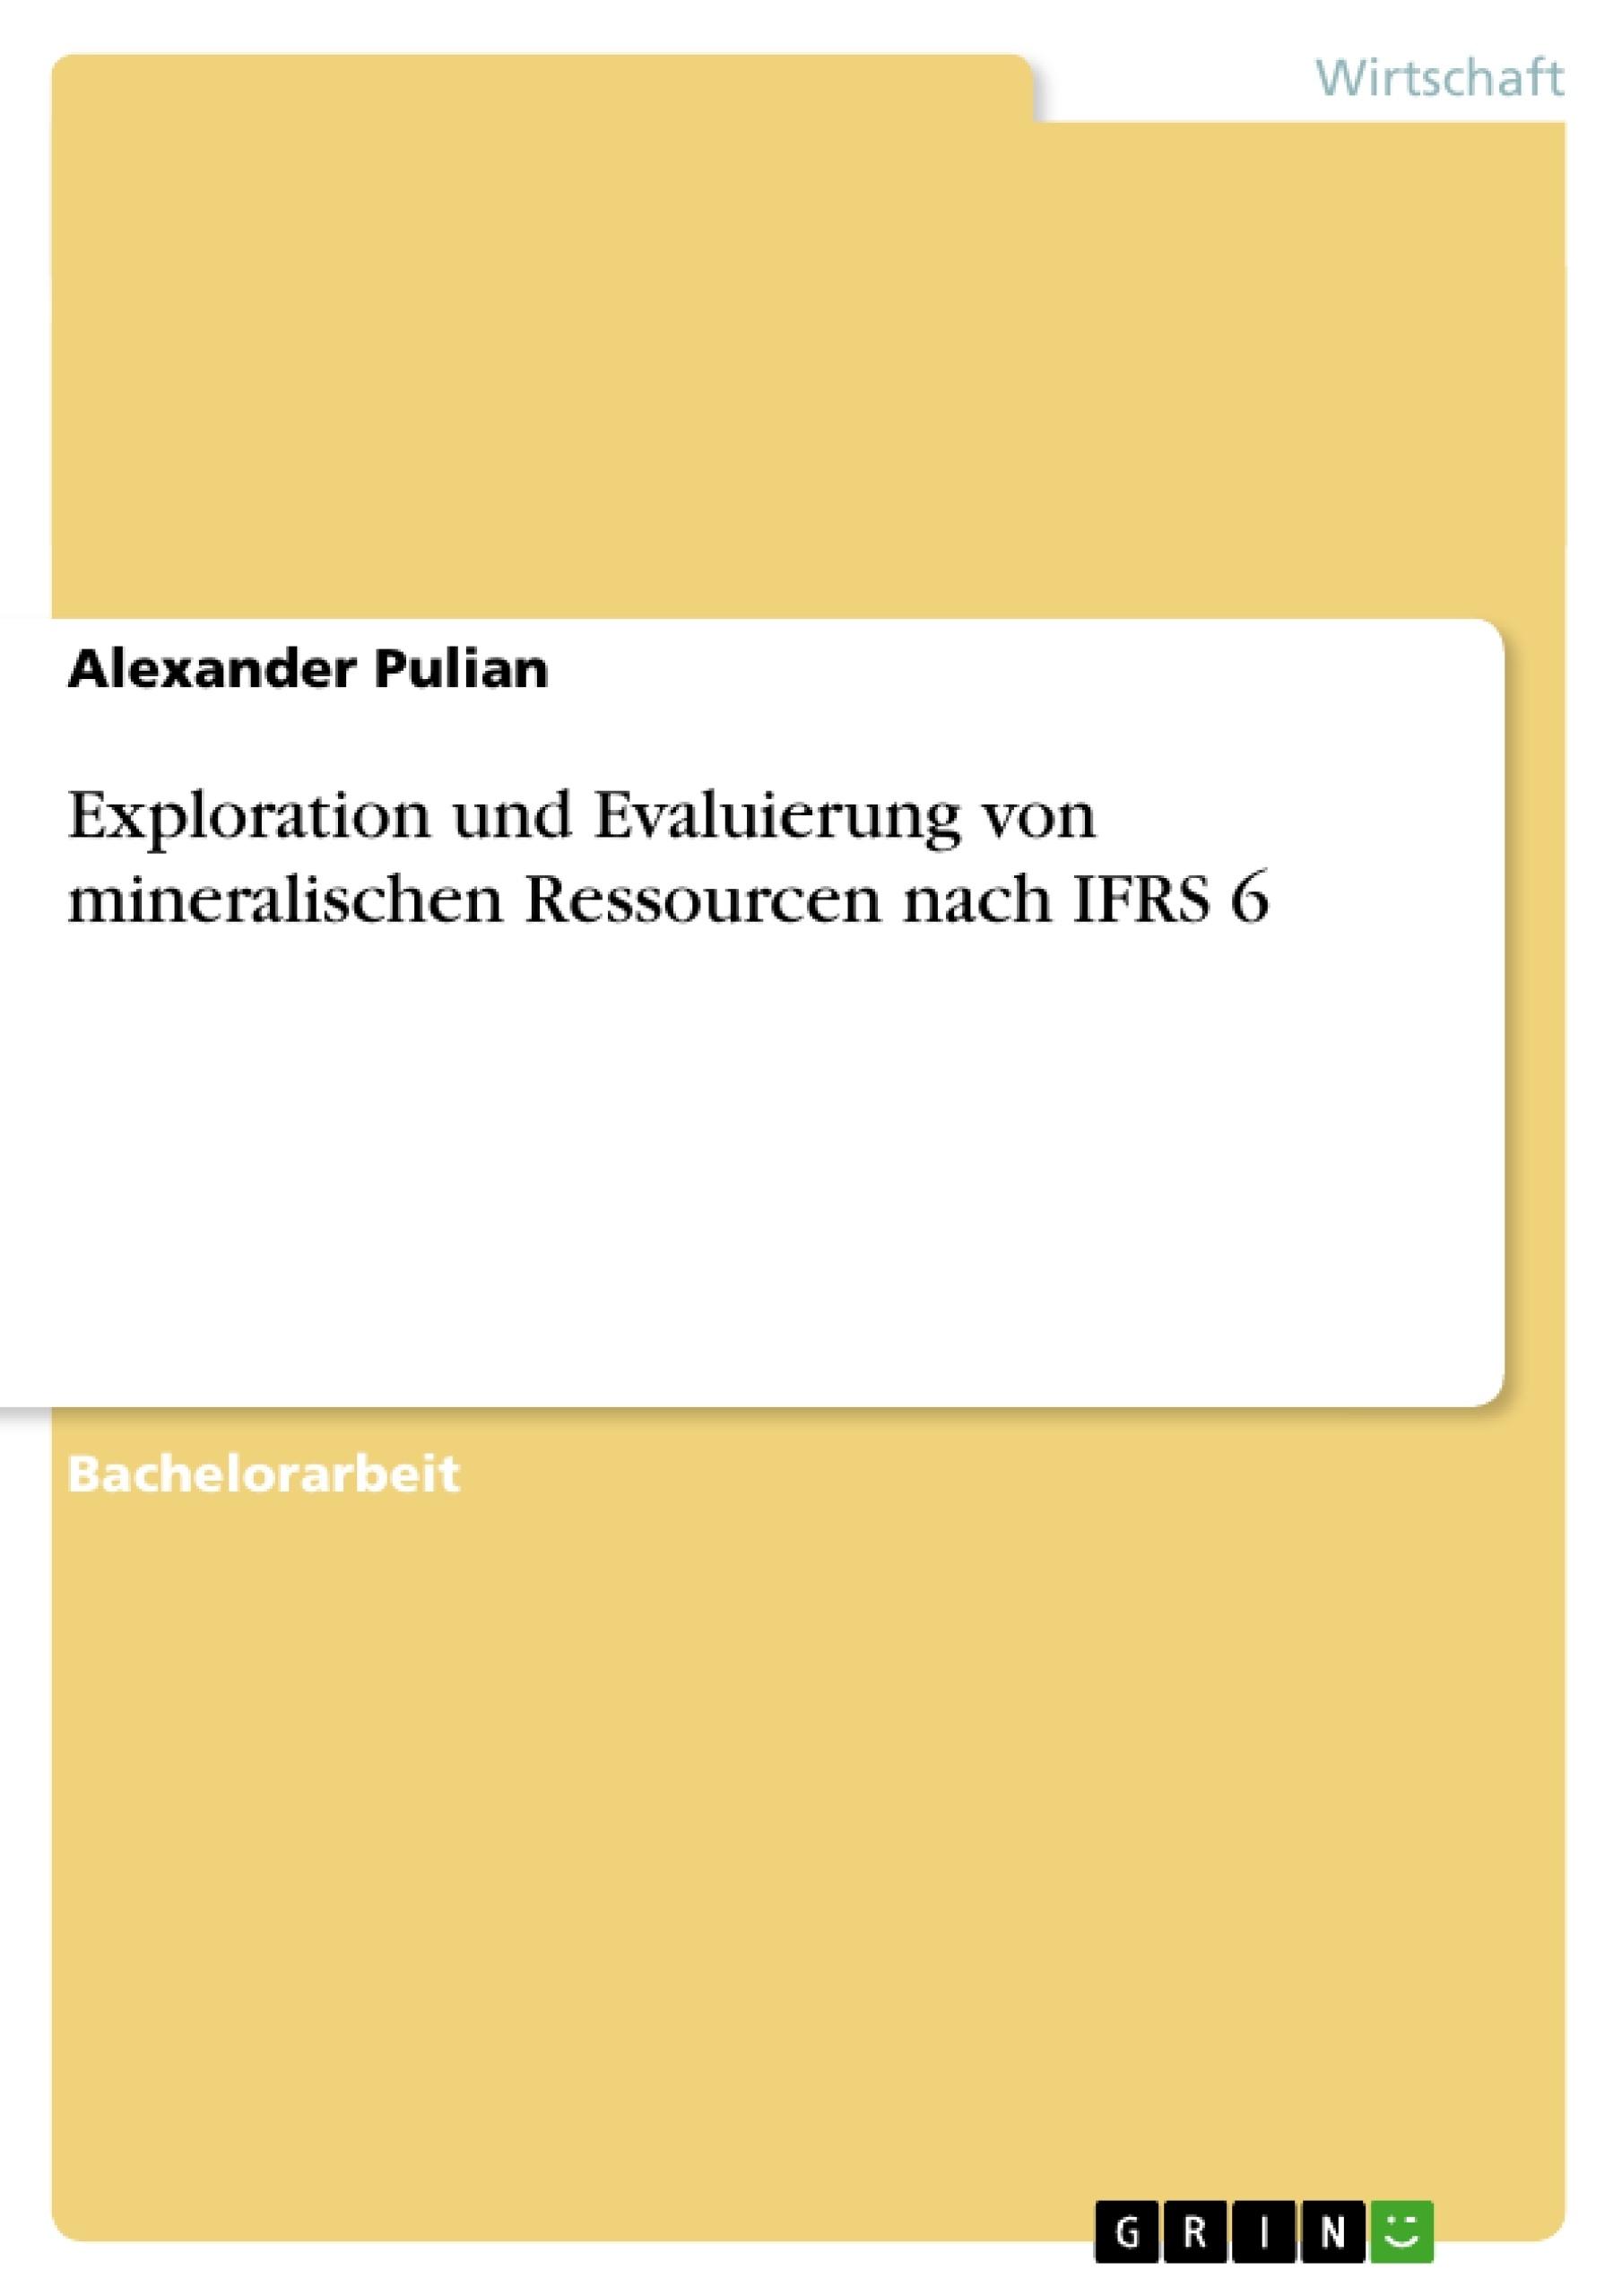 Titel: Exploration und Evaluierung von mineralischen Ressourcen nach IFRS 6